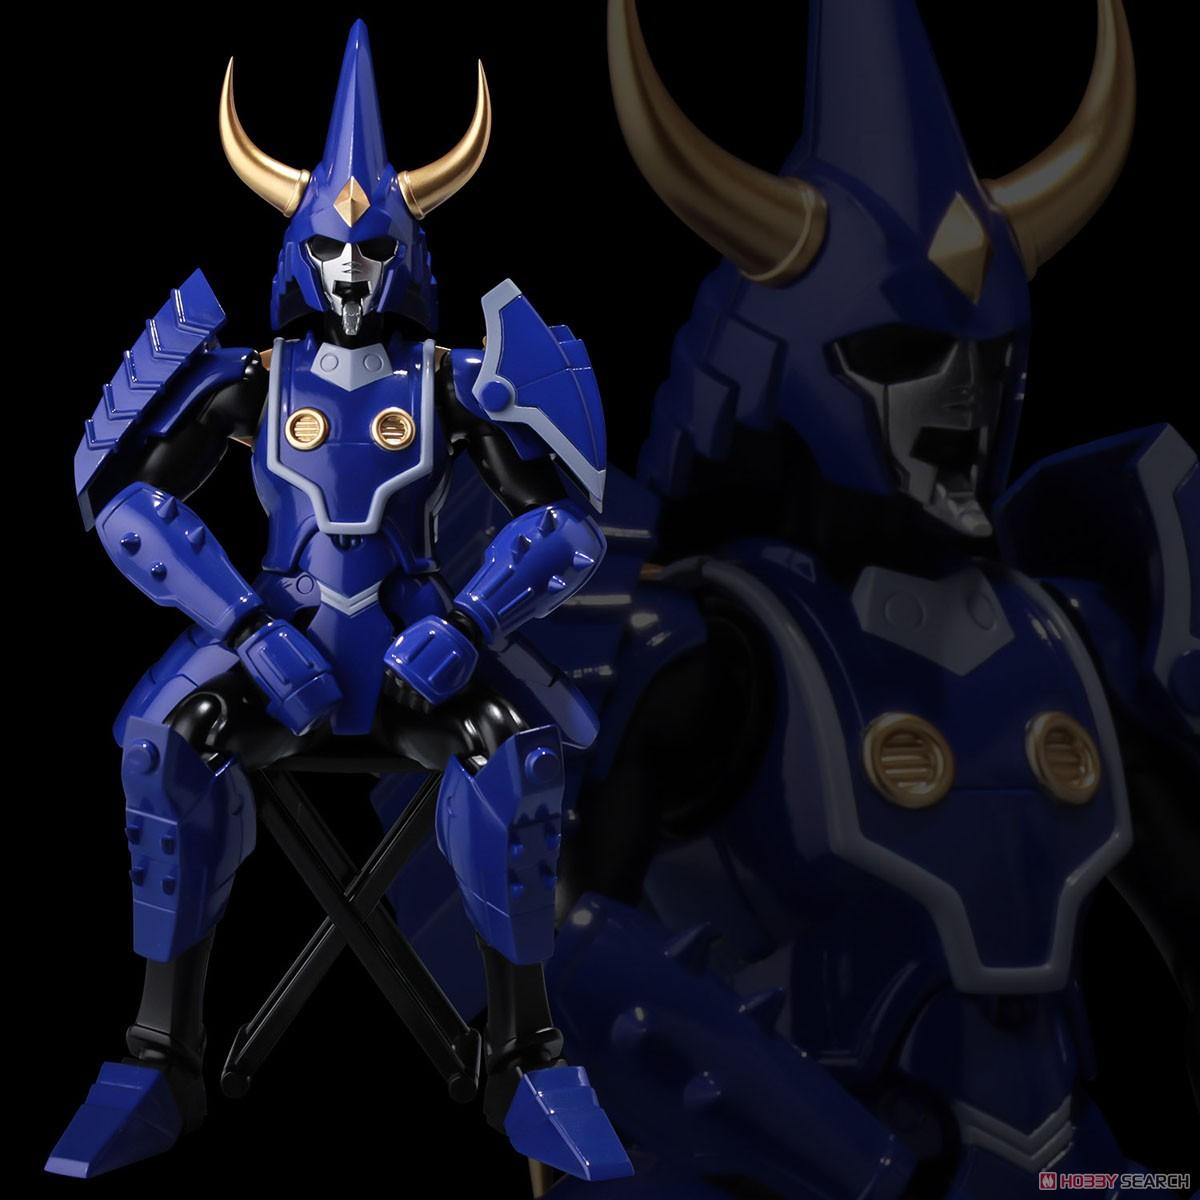 超弾可動『天空のトウマ』鎧伝サムライトルーパー 可動フィギュア-004